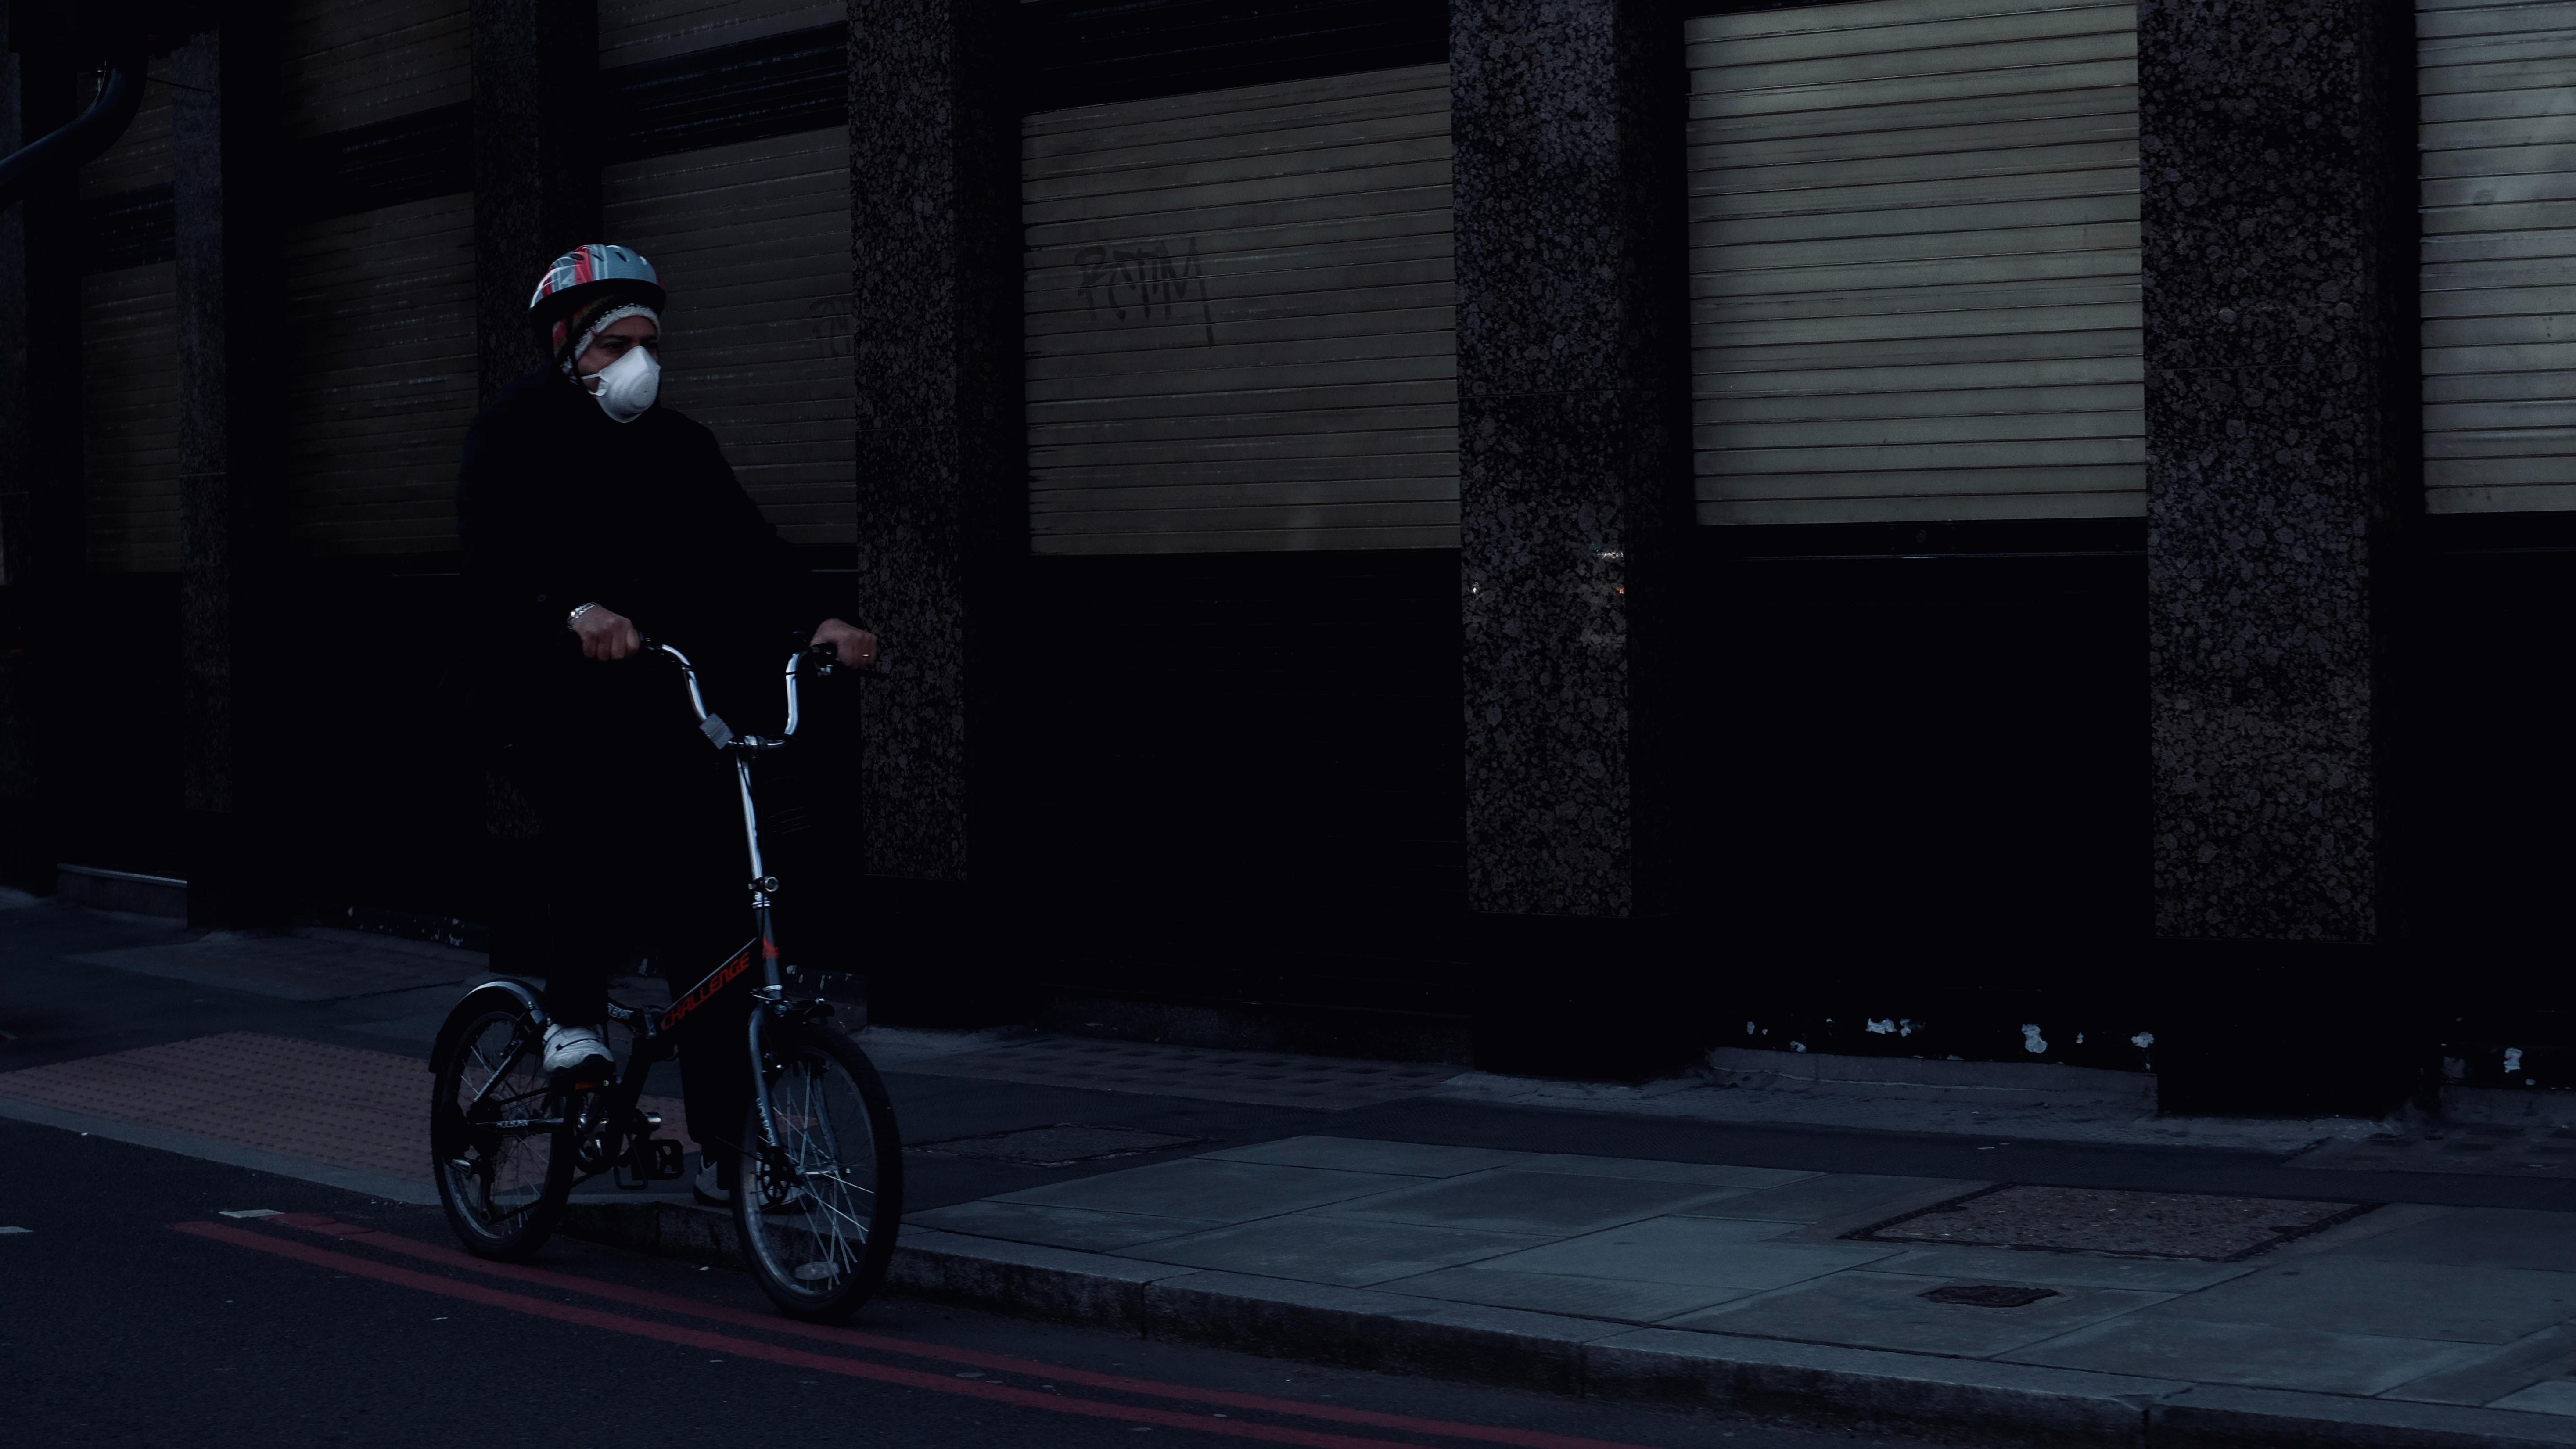 Carriles para bicicletas tienen un impacto económico positivo, revela estudio en ciudades de EE. UU.